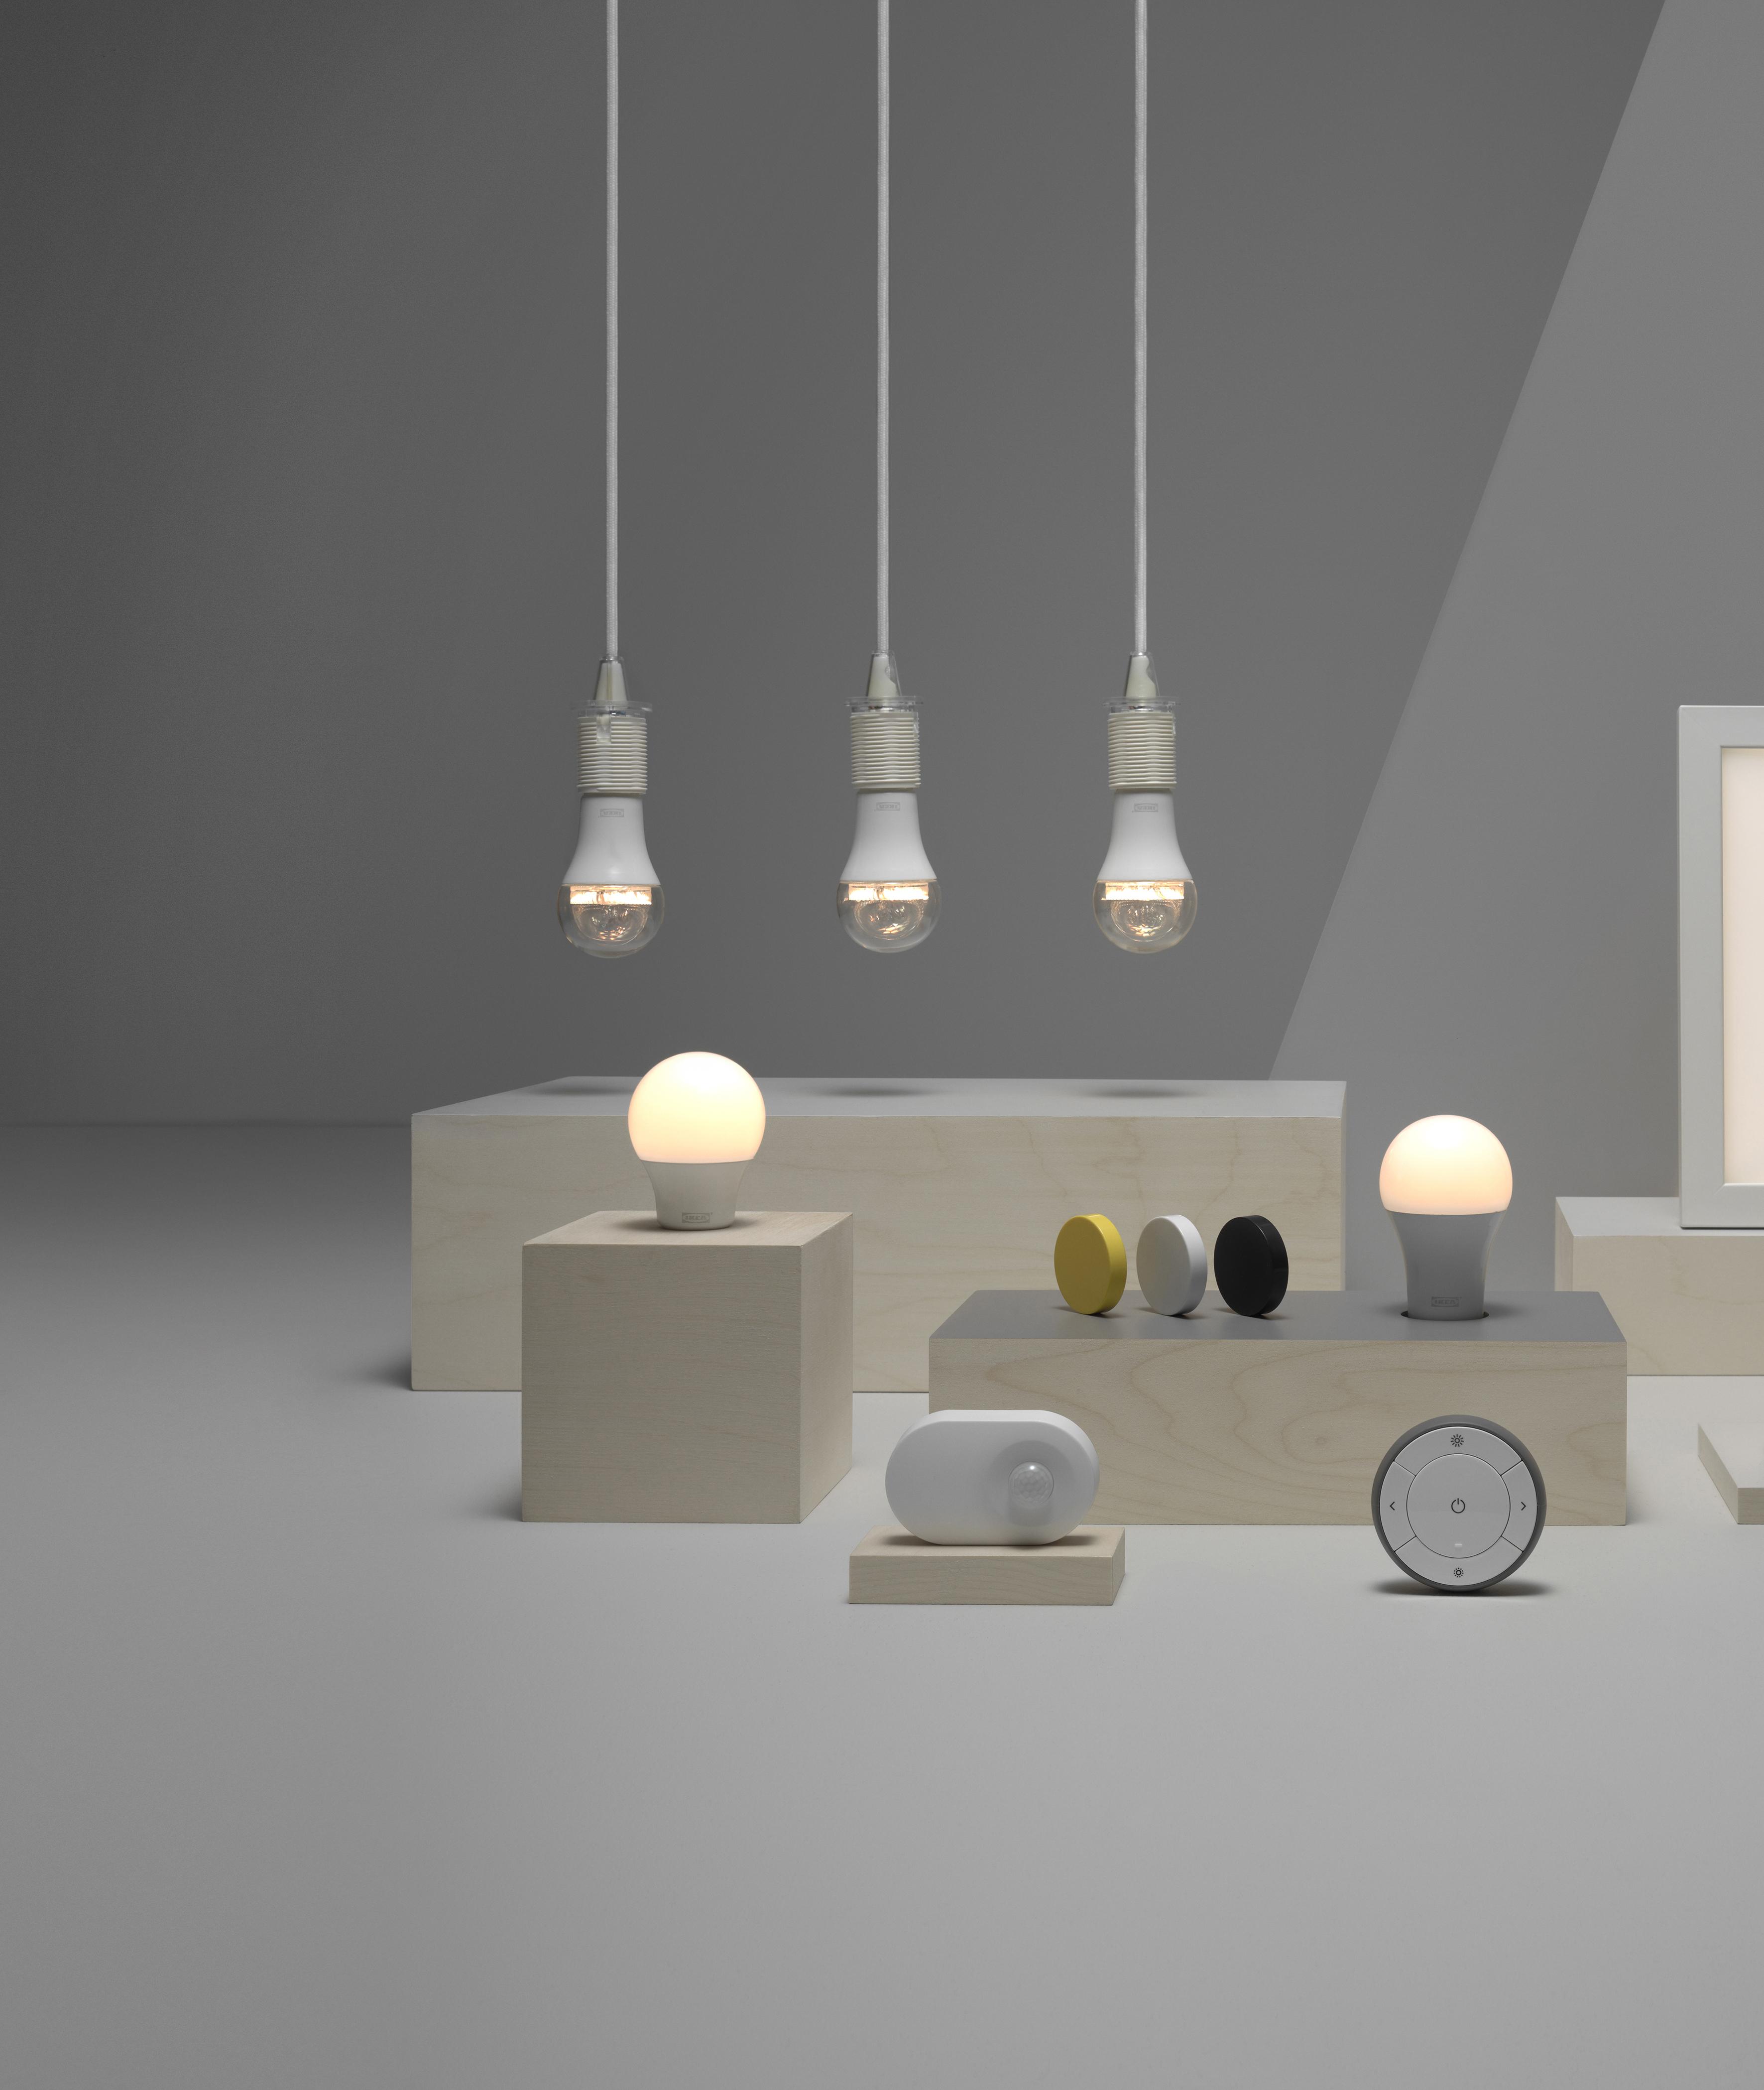 IKEA Smart Home Beleuchtung Tr¥dfri kommt jetzt nach Deutschland